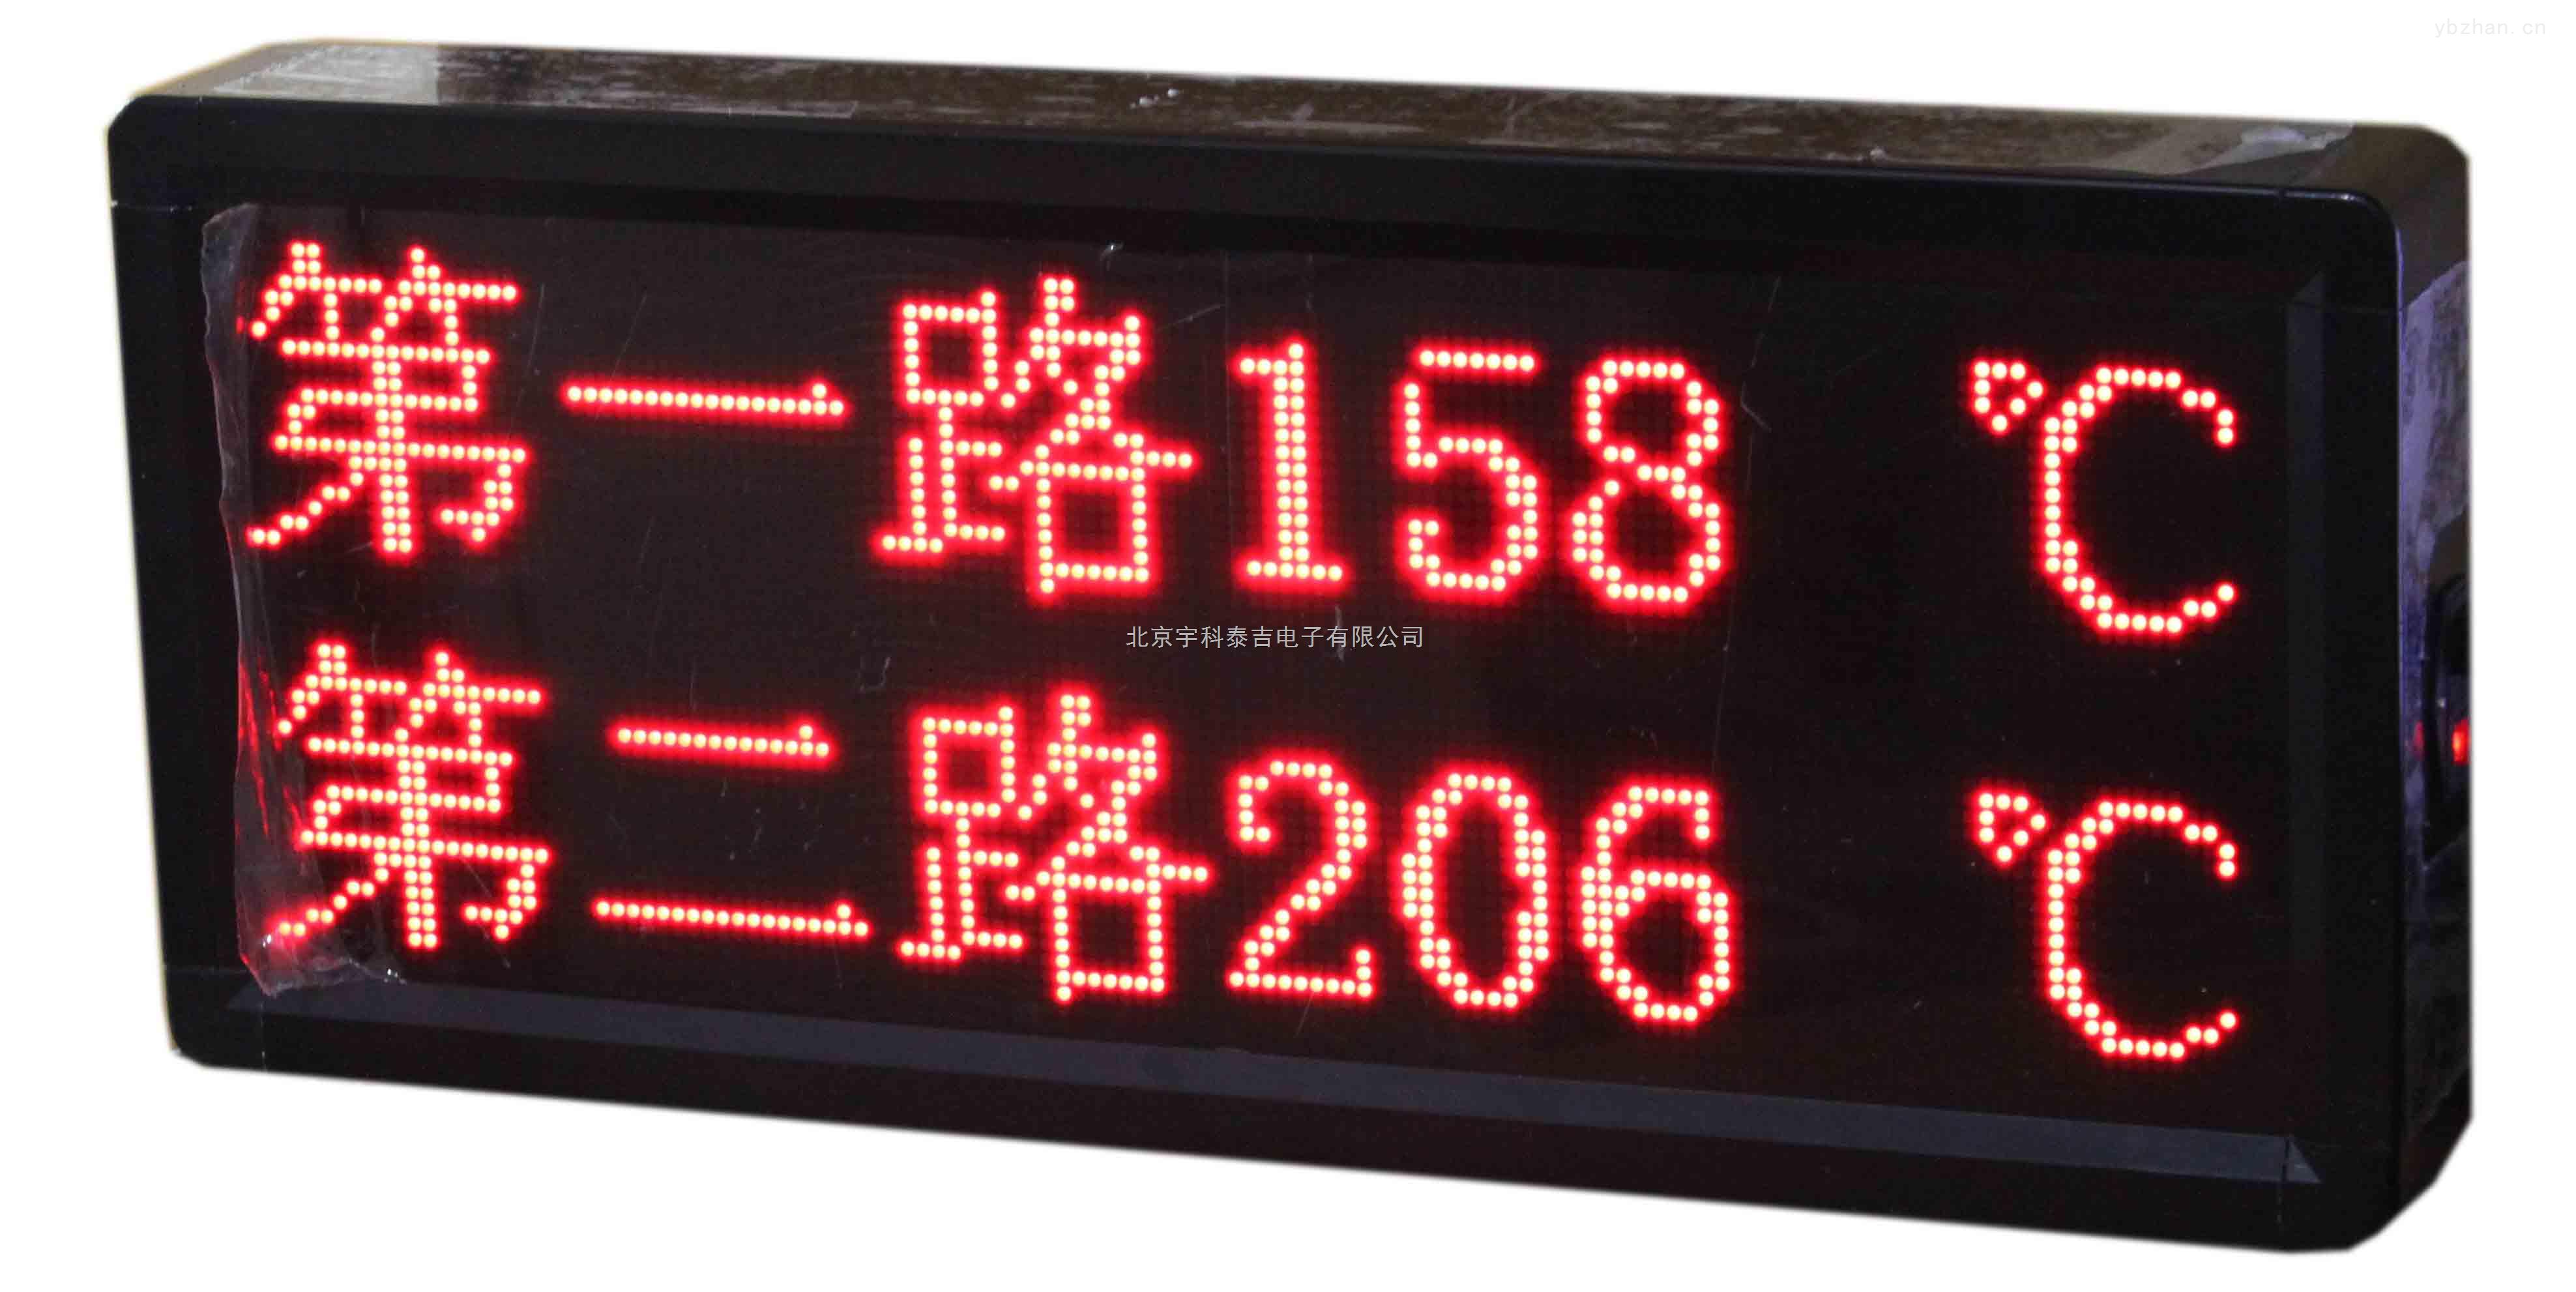 温度测控仪表接线图片